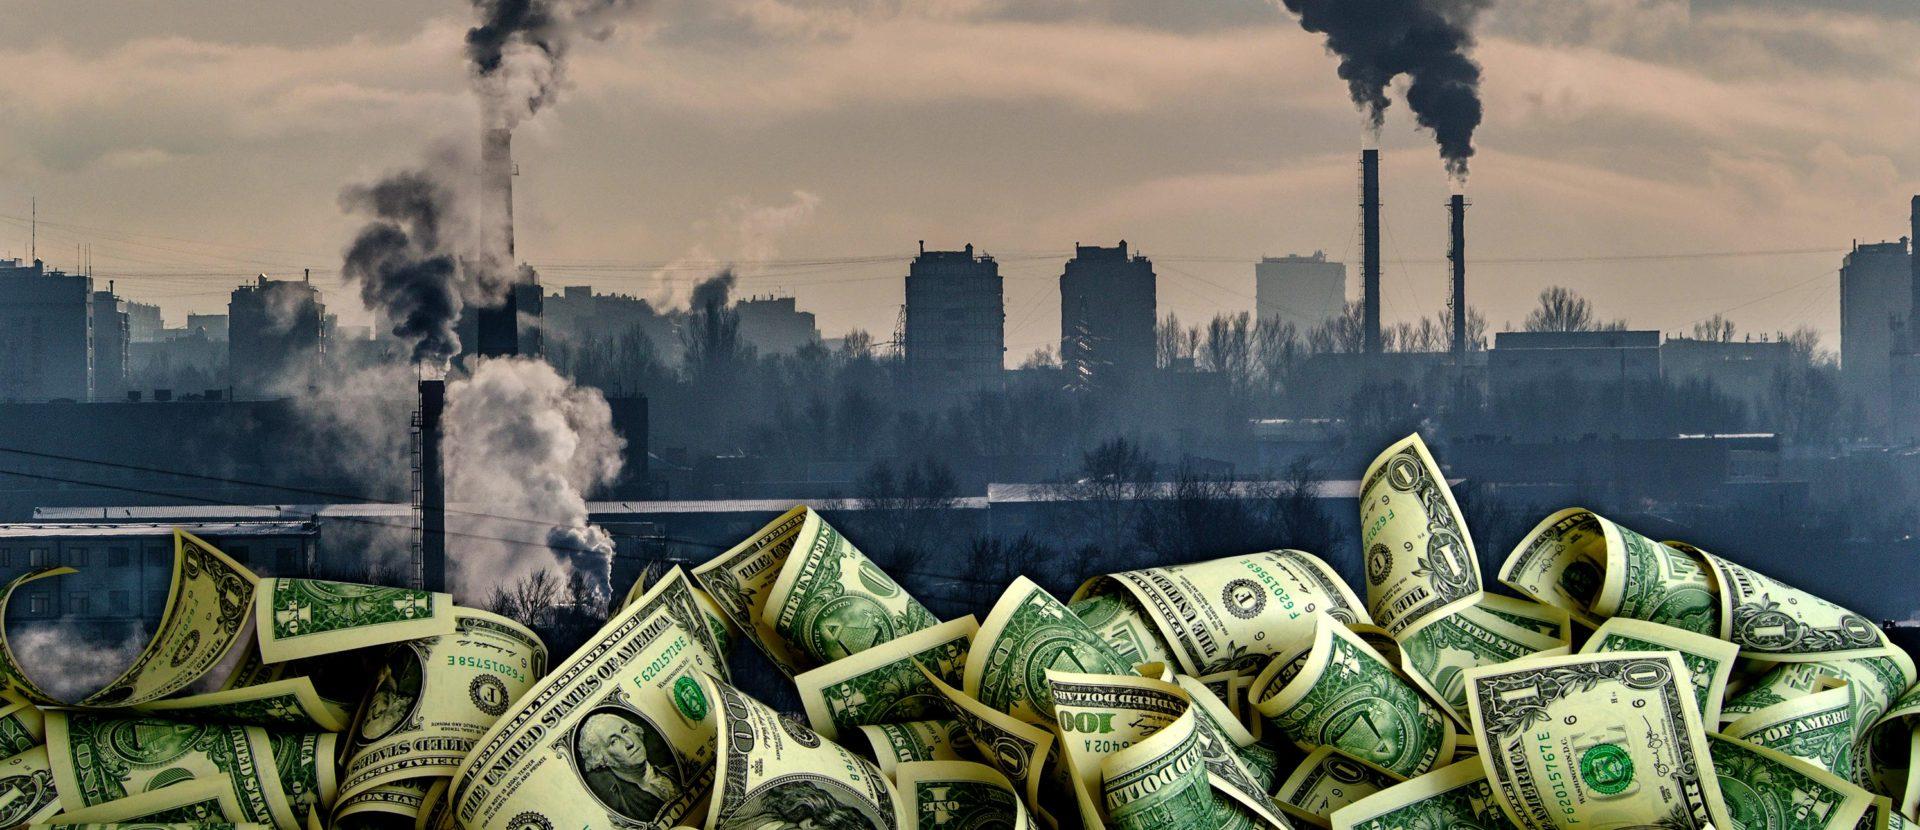 Mudanças climáticas: um preço alto a se pagar